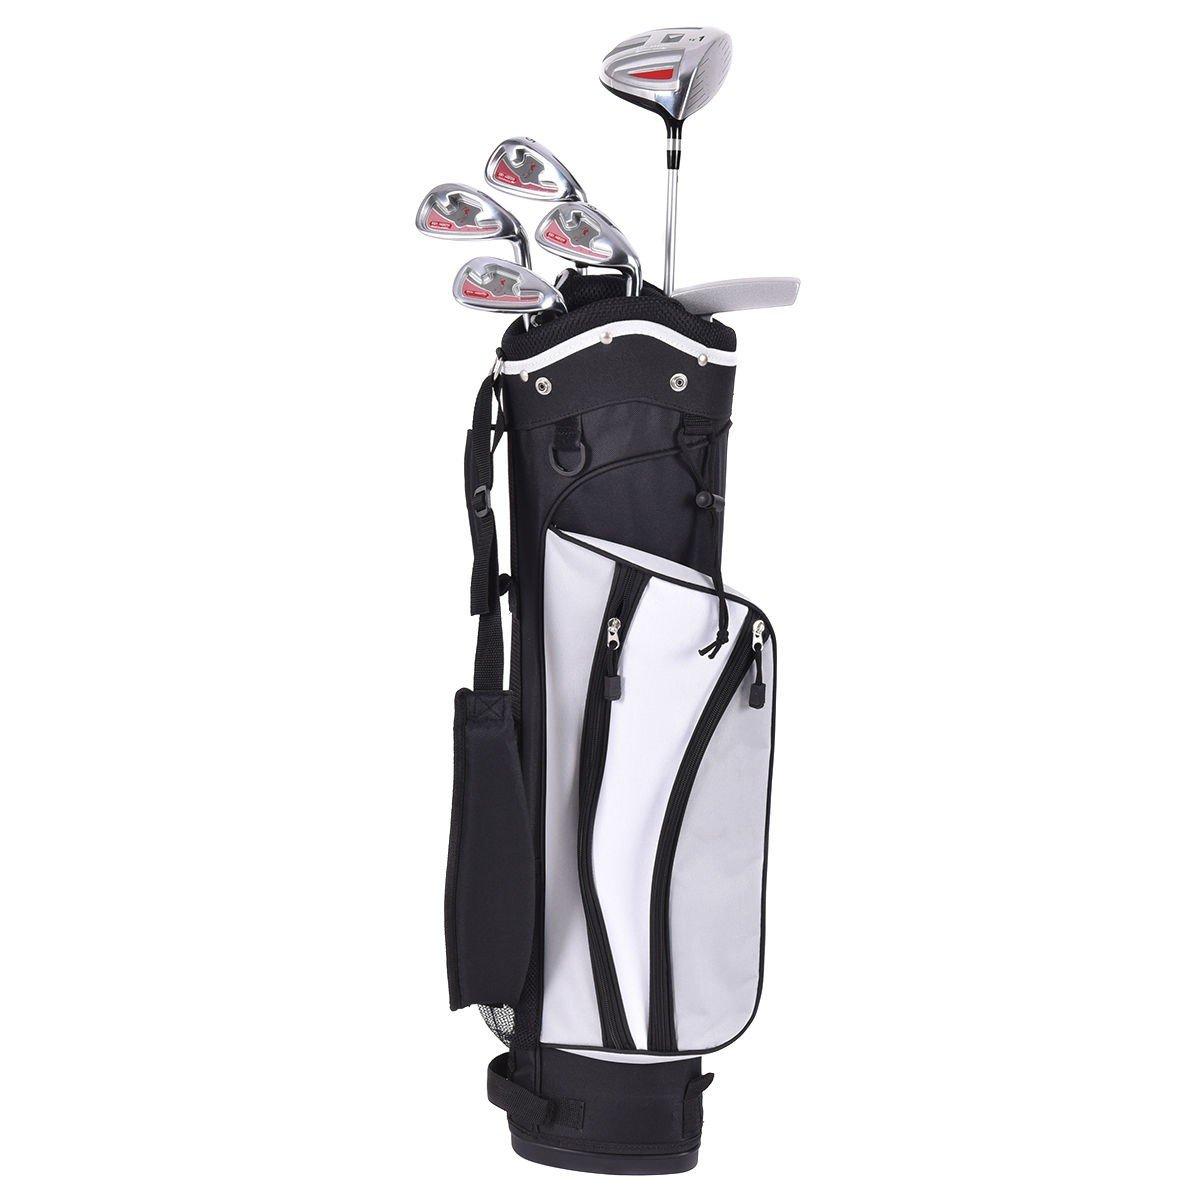 MD Group 木製アイアンパター ゴルフクラブセット 6点セット スタンドバッグ付き シルバー   B07QG492Q2